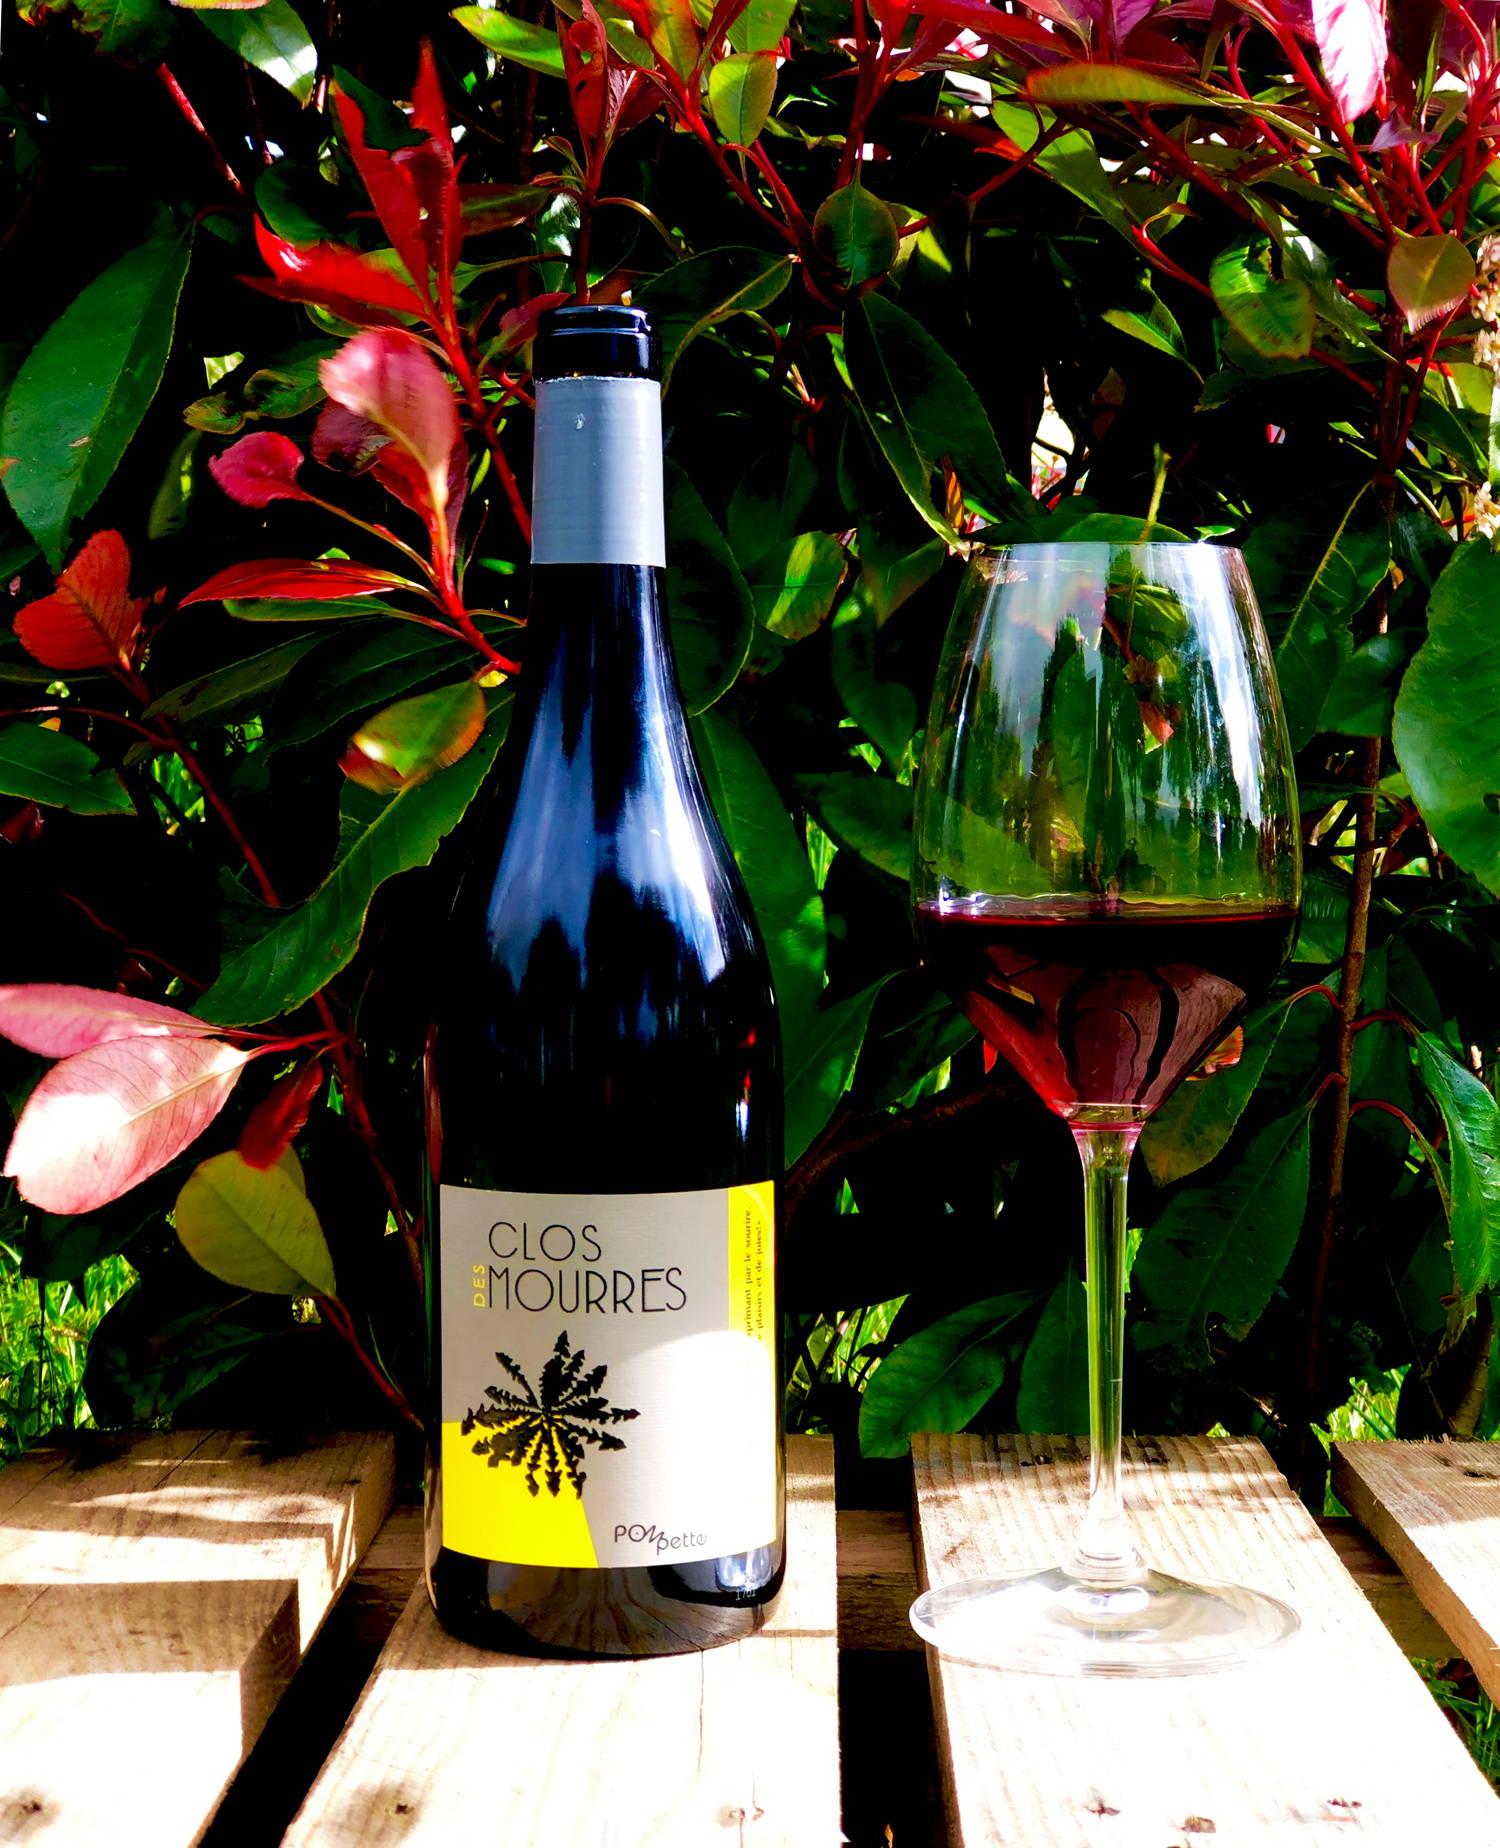 pompette rouge 2020, clos des mourres, vaucluse, ingrid bouchet, jean-philippe bouchet, france, vin nature, rawwine, organic wine, vin bio, vin sans intrants, bistro brute, vin rouge, vin blanc, rouge, blanc, nature, vin propre, vigneron, vigneron indépendant, domaine bio, biodynamie, vigneron nature, cave vin naturel, cave vin, caviste, vin biodynamique, bistro brute